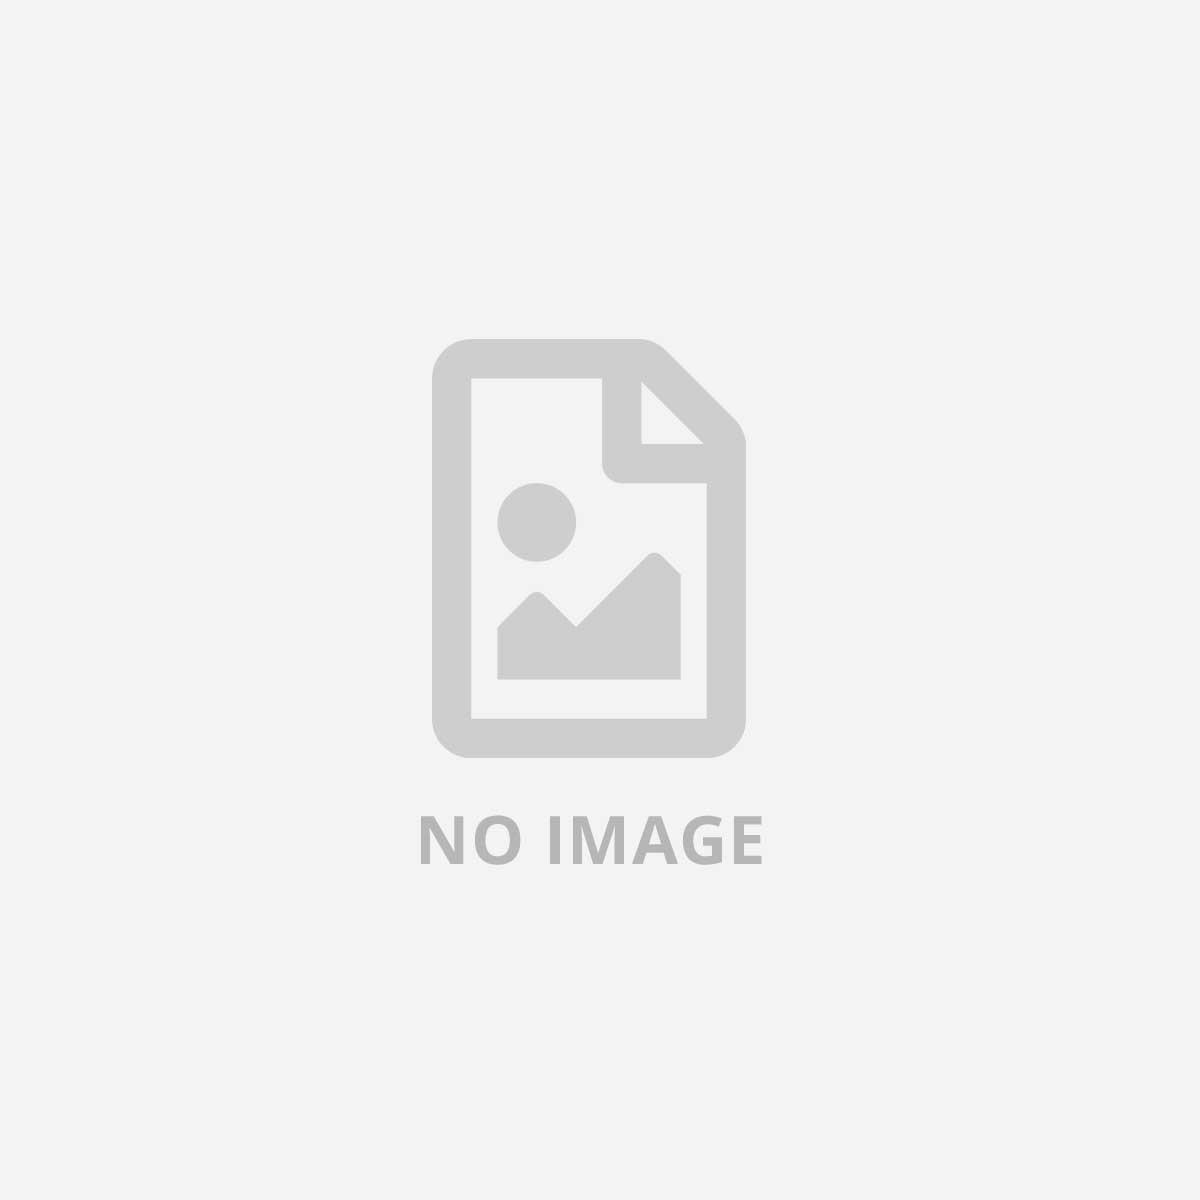 SHARP EL 233 SB